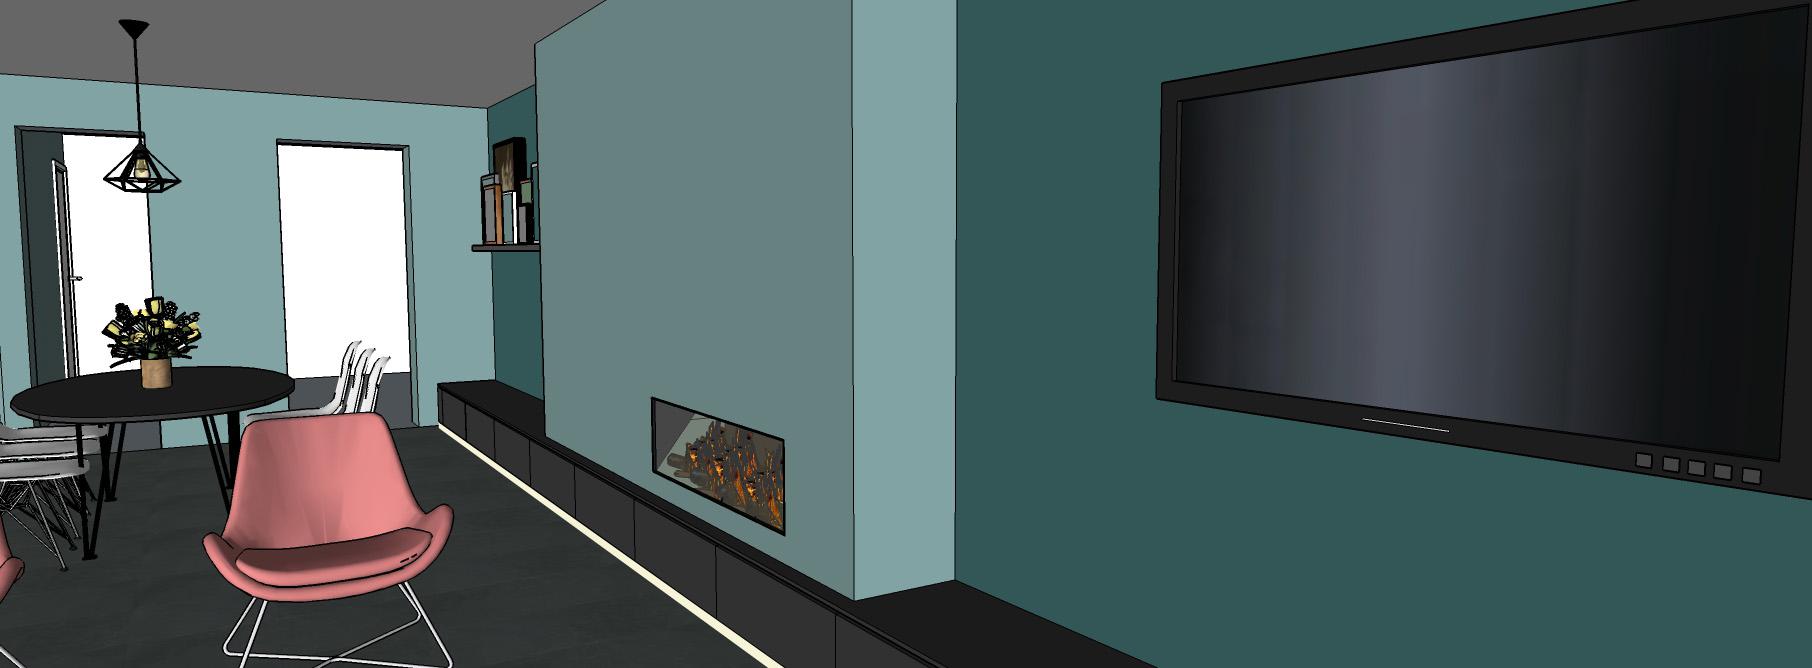 4 woonkamer ontwerp 2.jpg